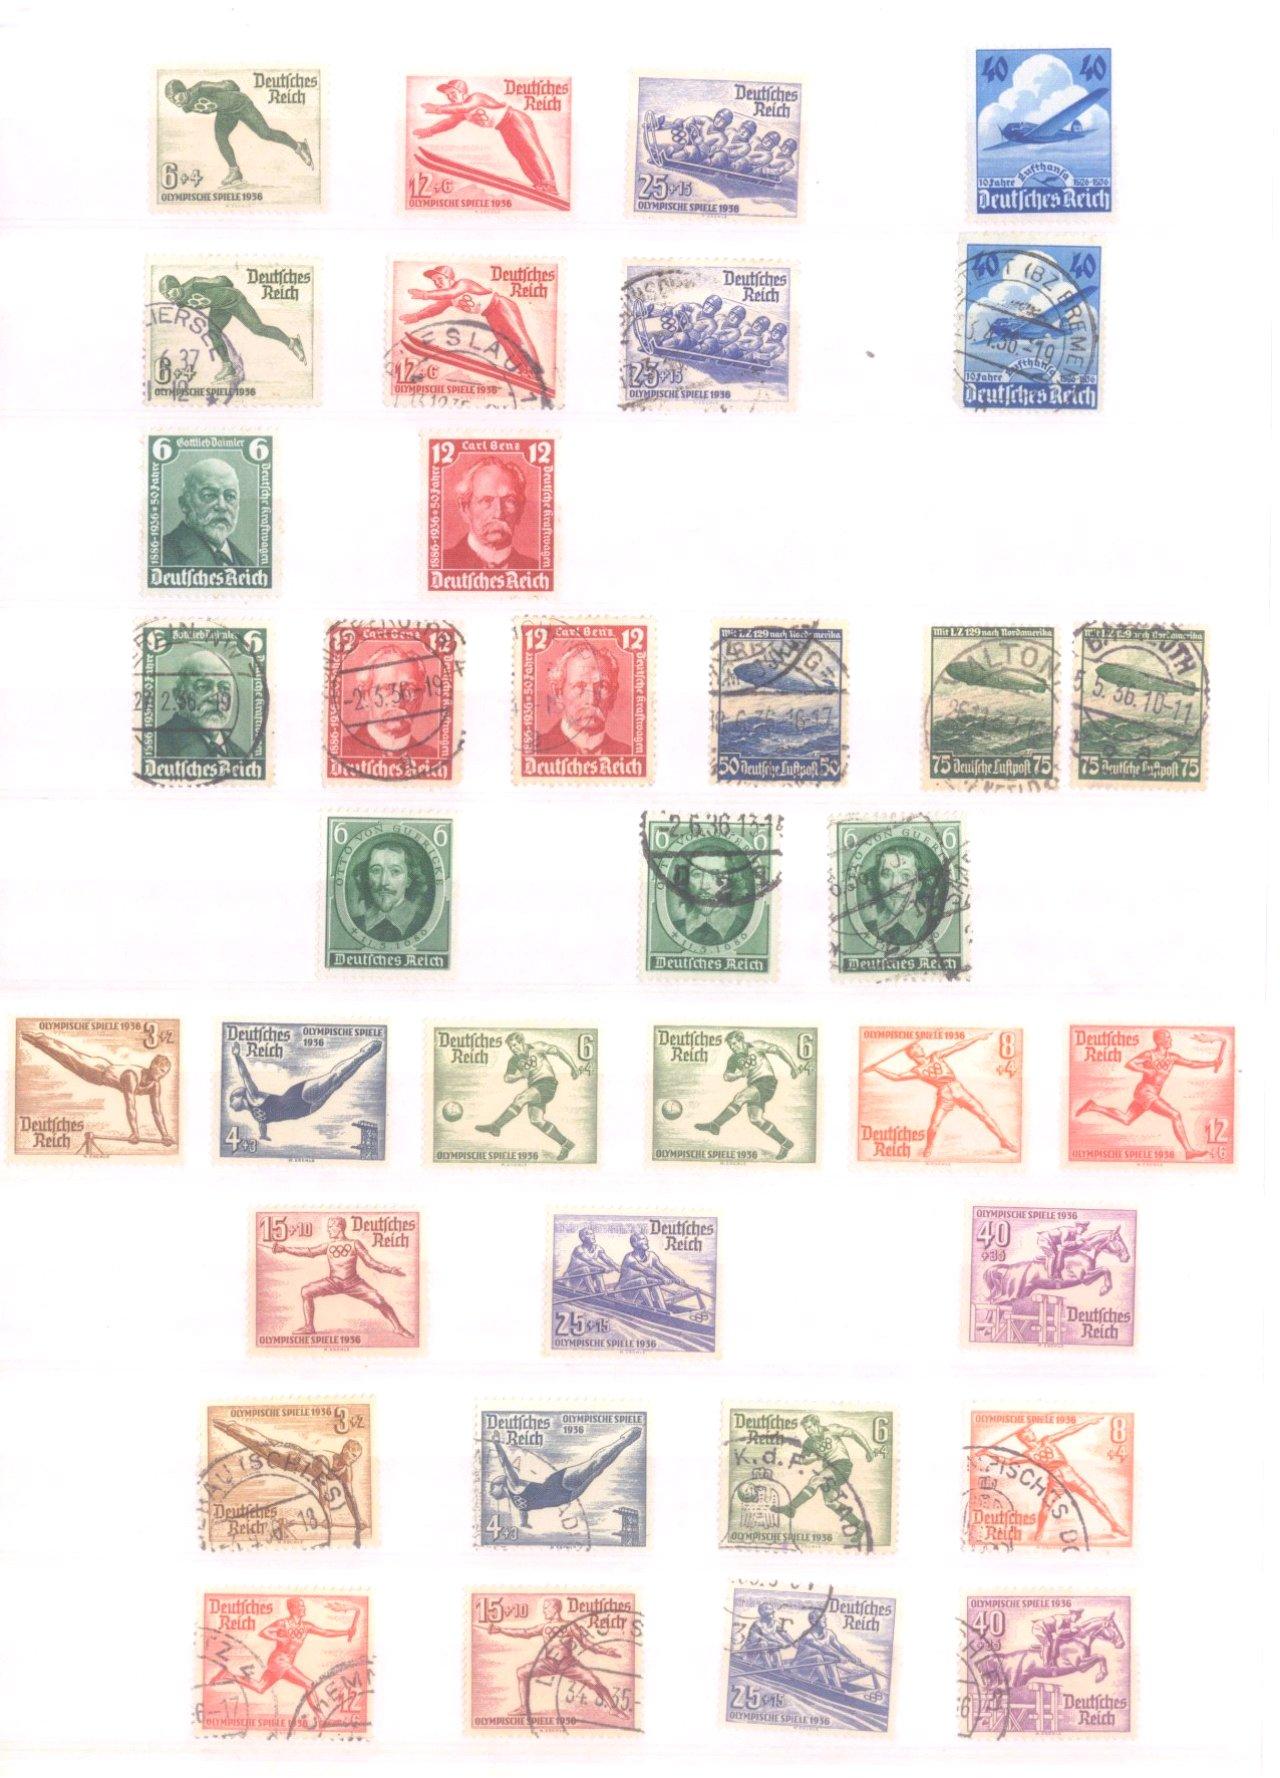 Sammlung Deutsches Reich in 2 Alben, 1933-1945-9